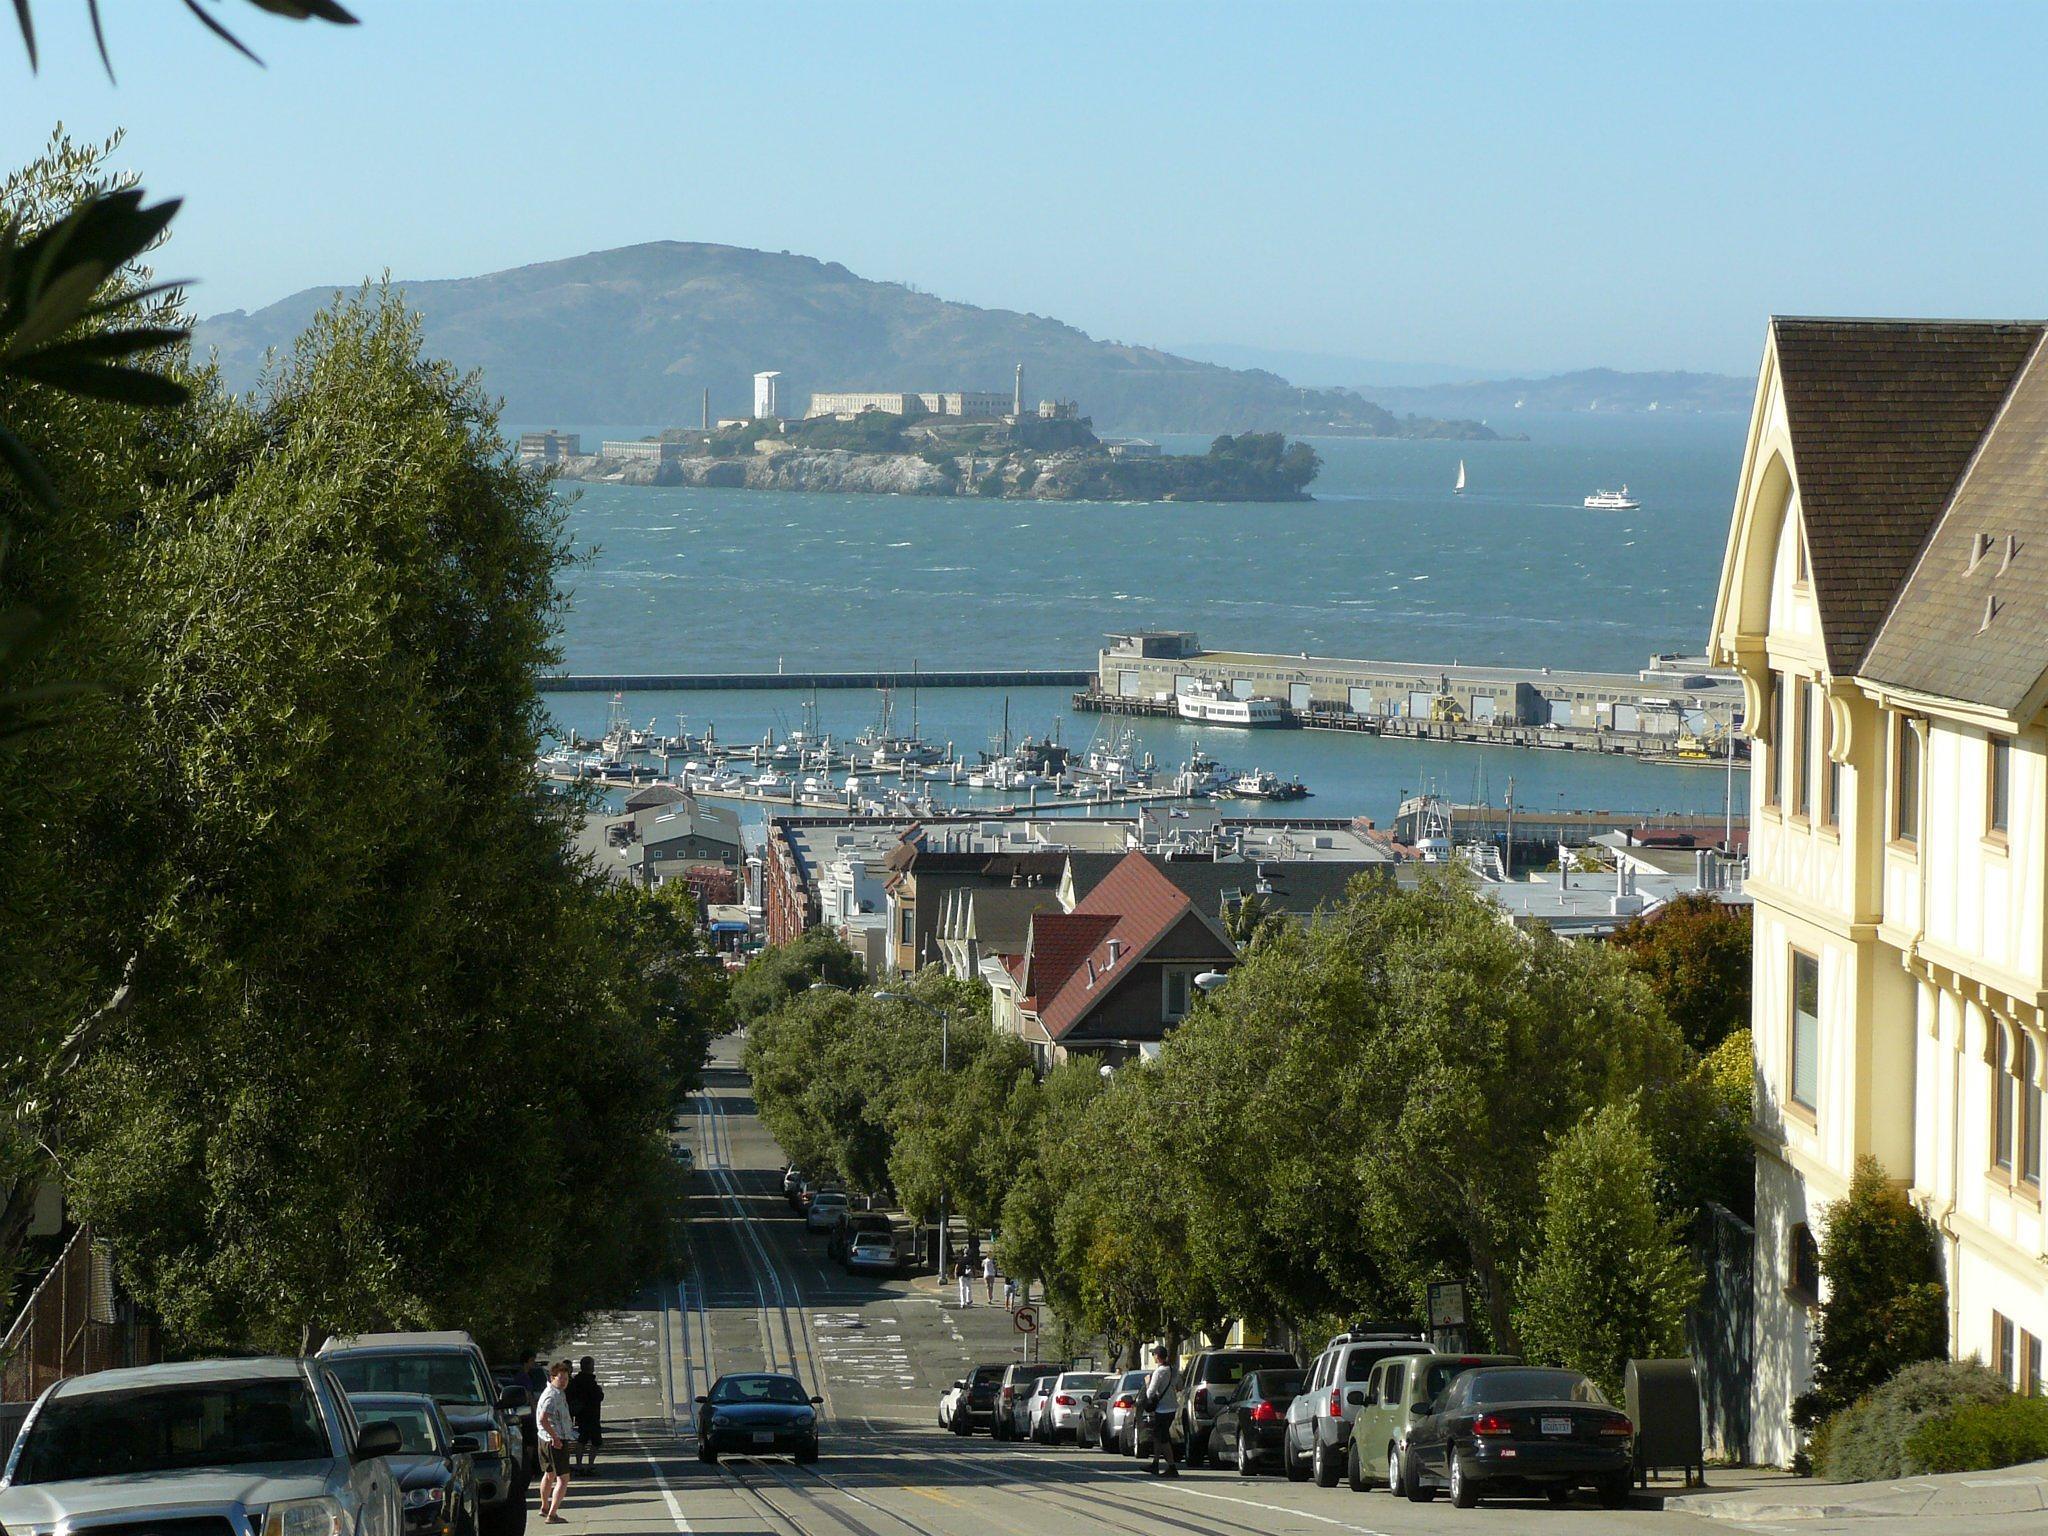 San Francisco by yankeebiscuitfan